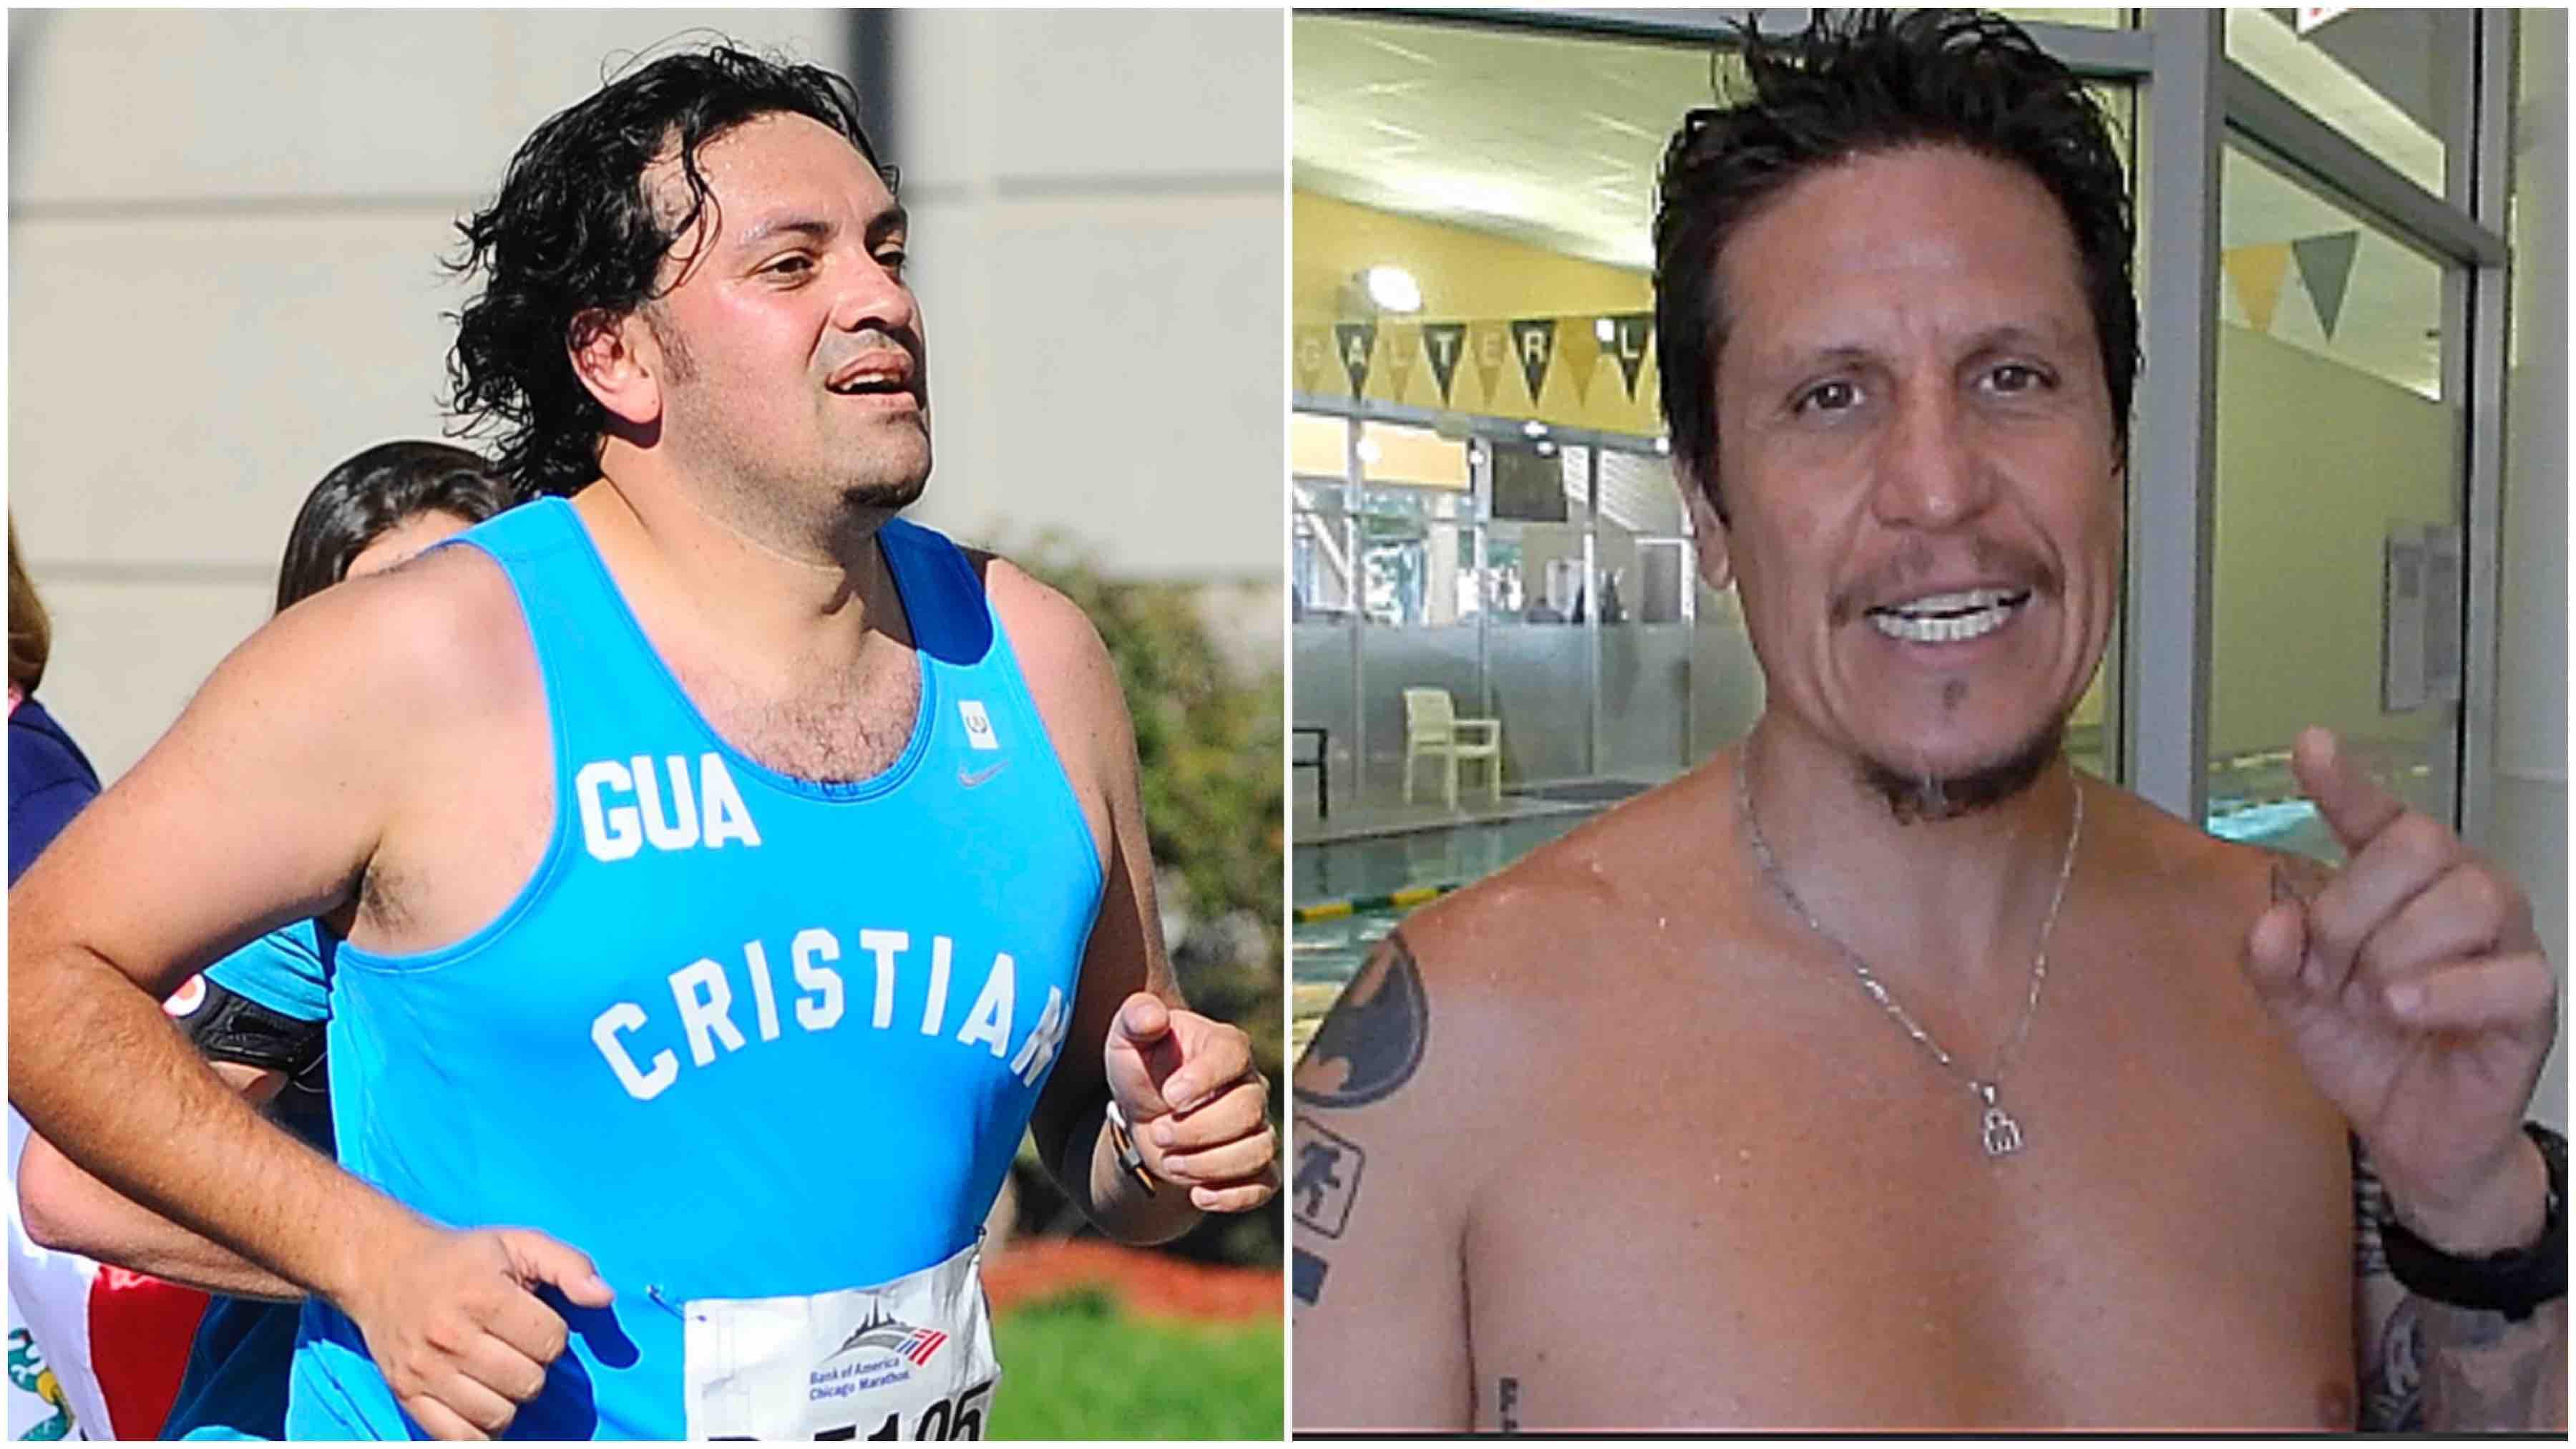 Chilaquiles al ganador entre José Varela y Cristian Calderón en Chicago Triatlón